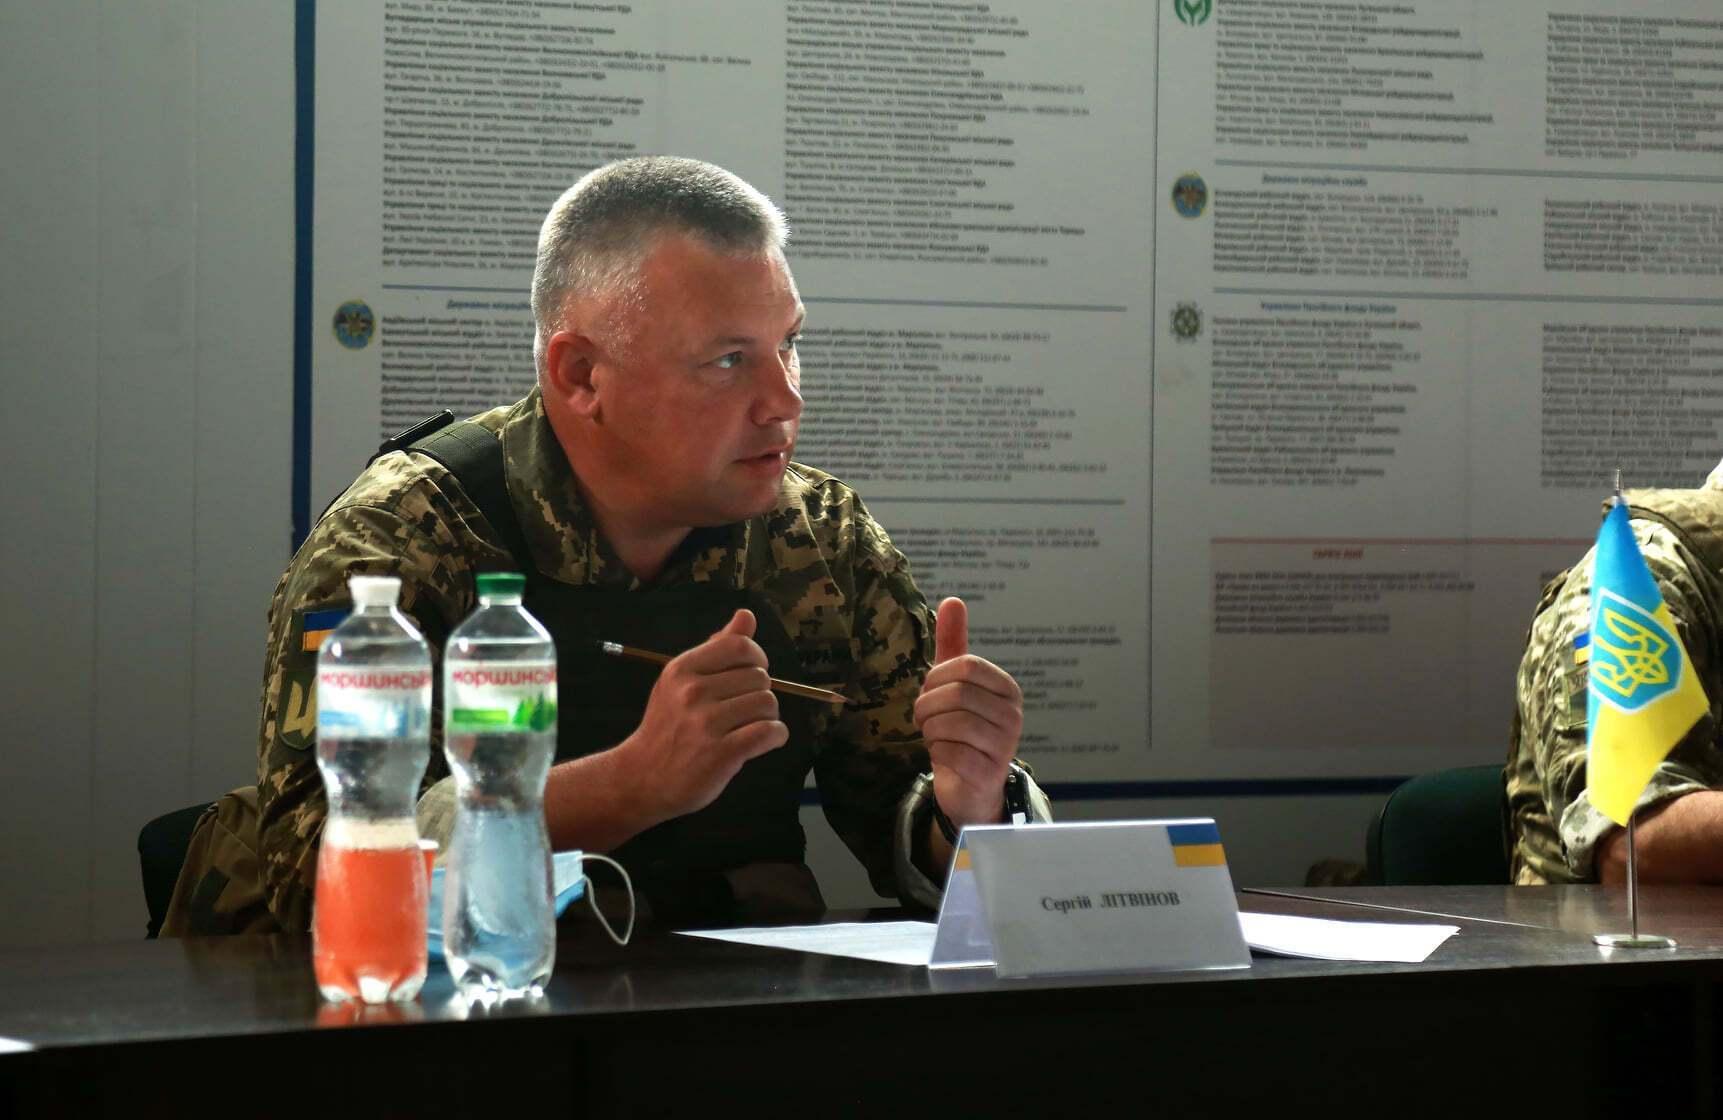 Украинский полковник Сергей Литвинов